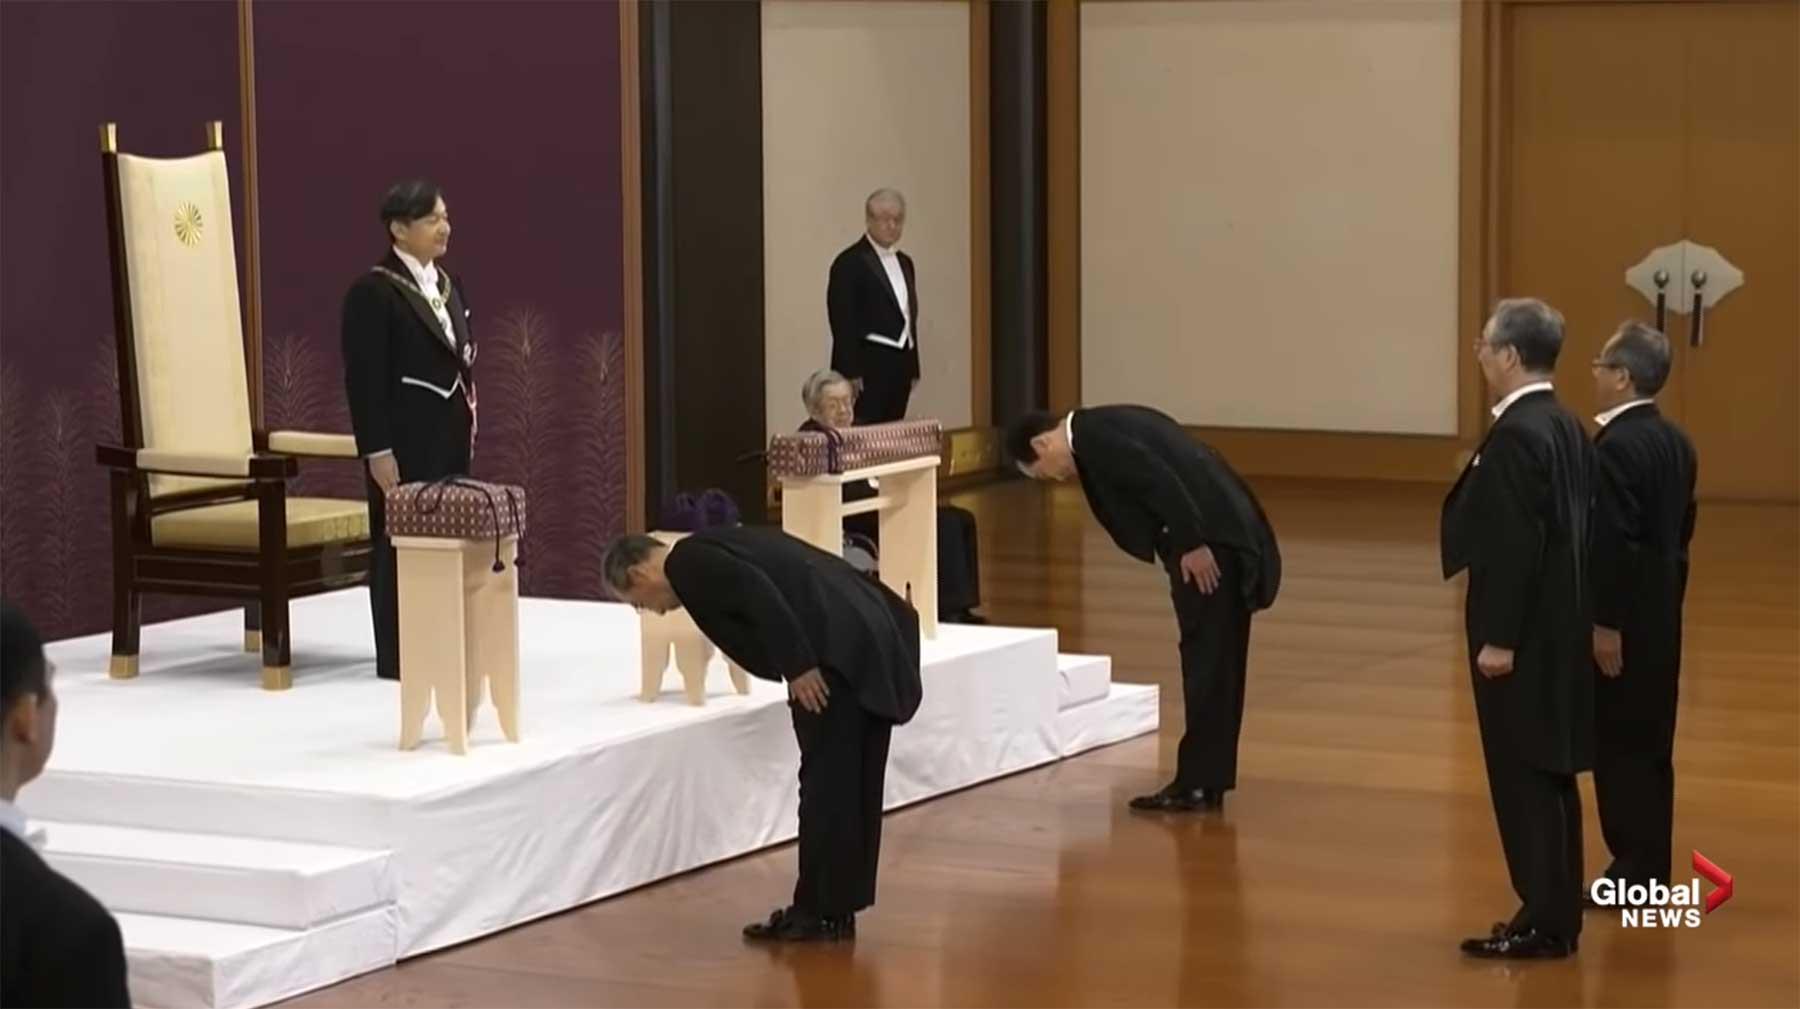 Die Krönung des japanischen Kaisers kommt ohne Worte aus